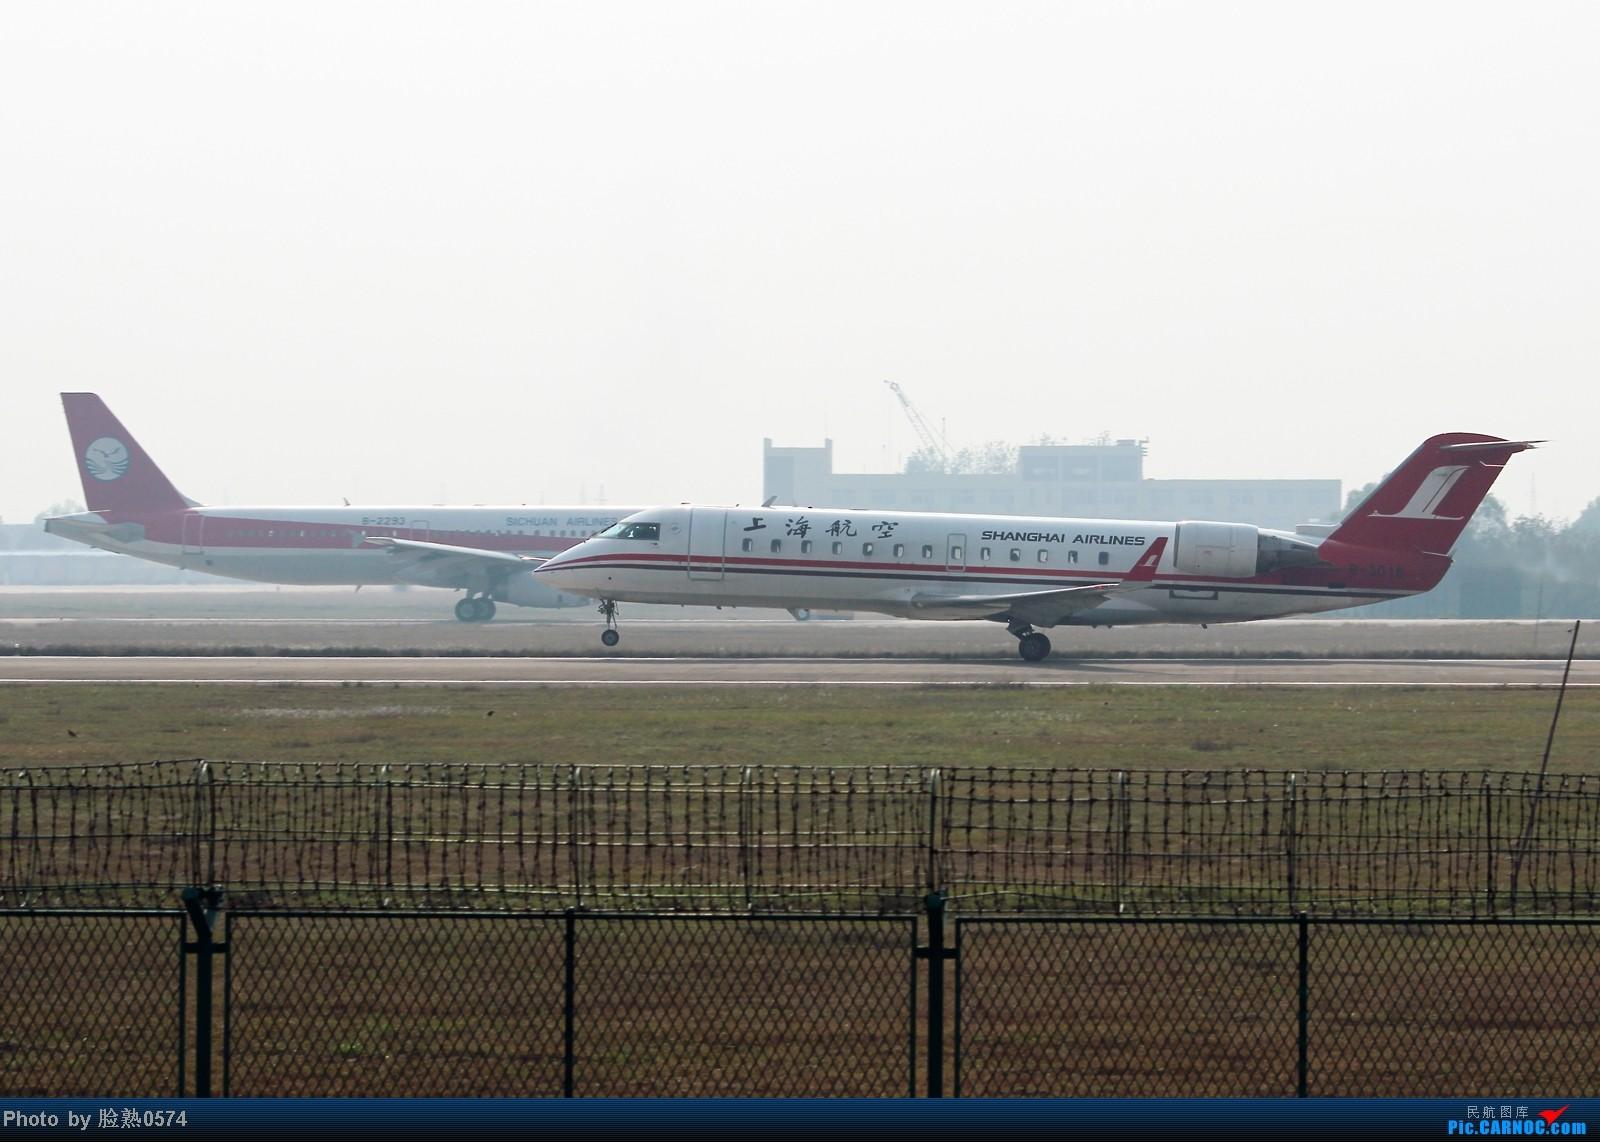 Re:[原创]无聊的等待换来了一架湾流公务机G550 BOMBARDIER (CANADAIR) CRJ-200 B-3018 中国宁波栎社机场